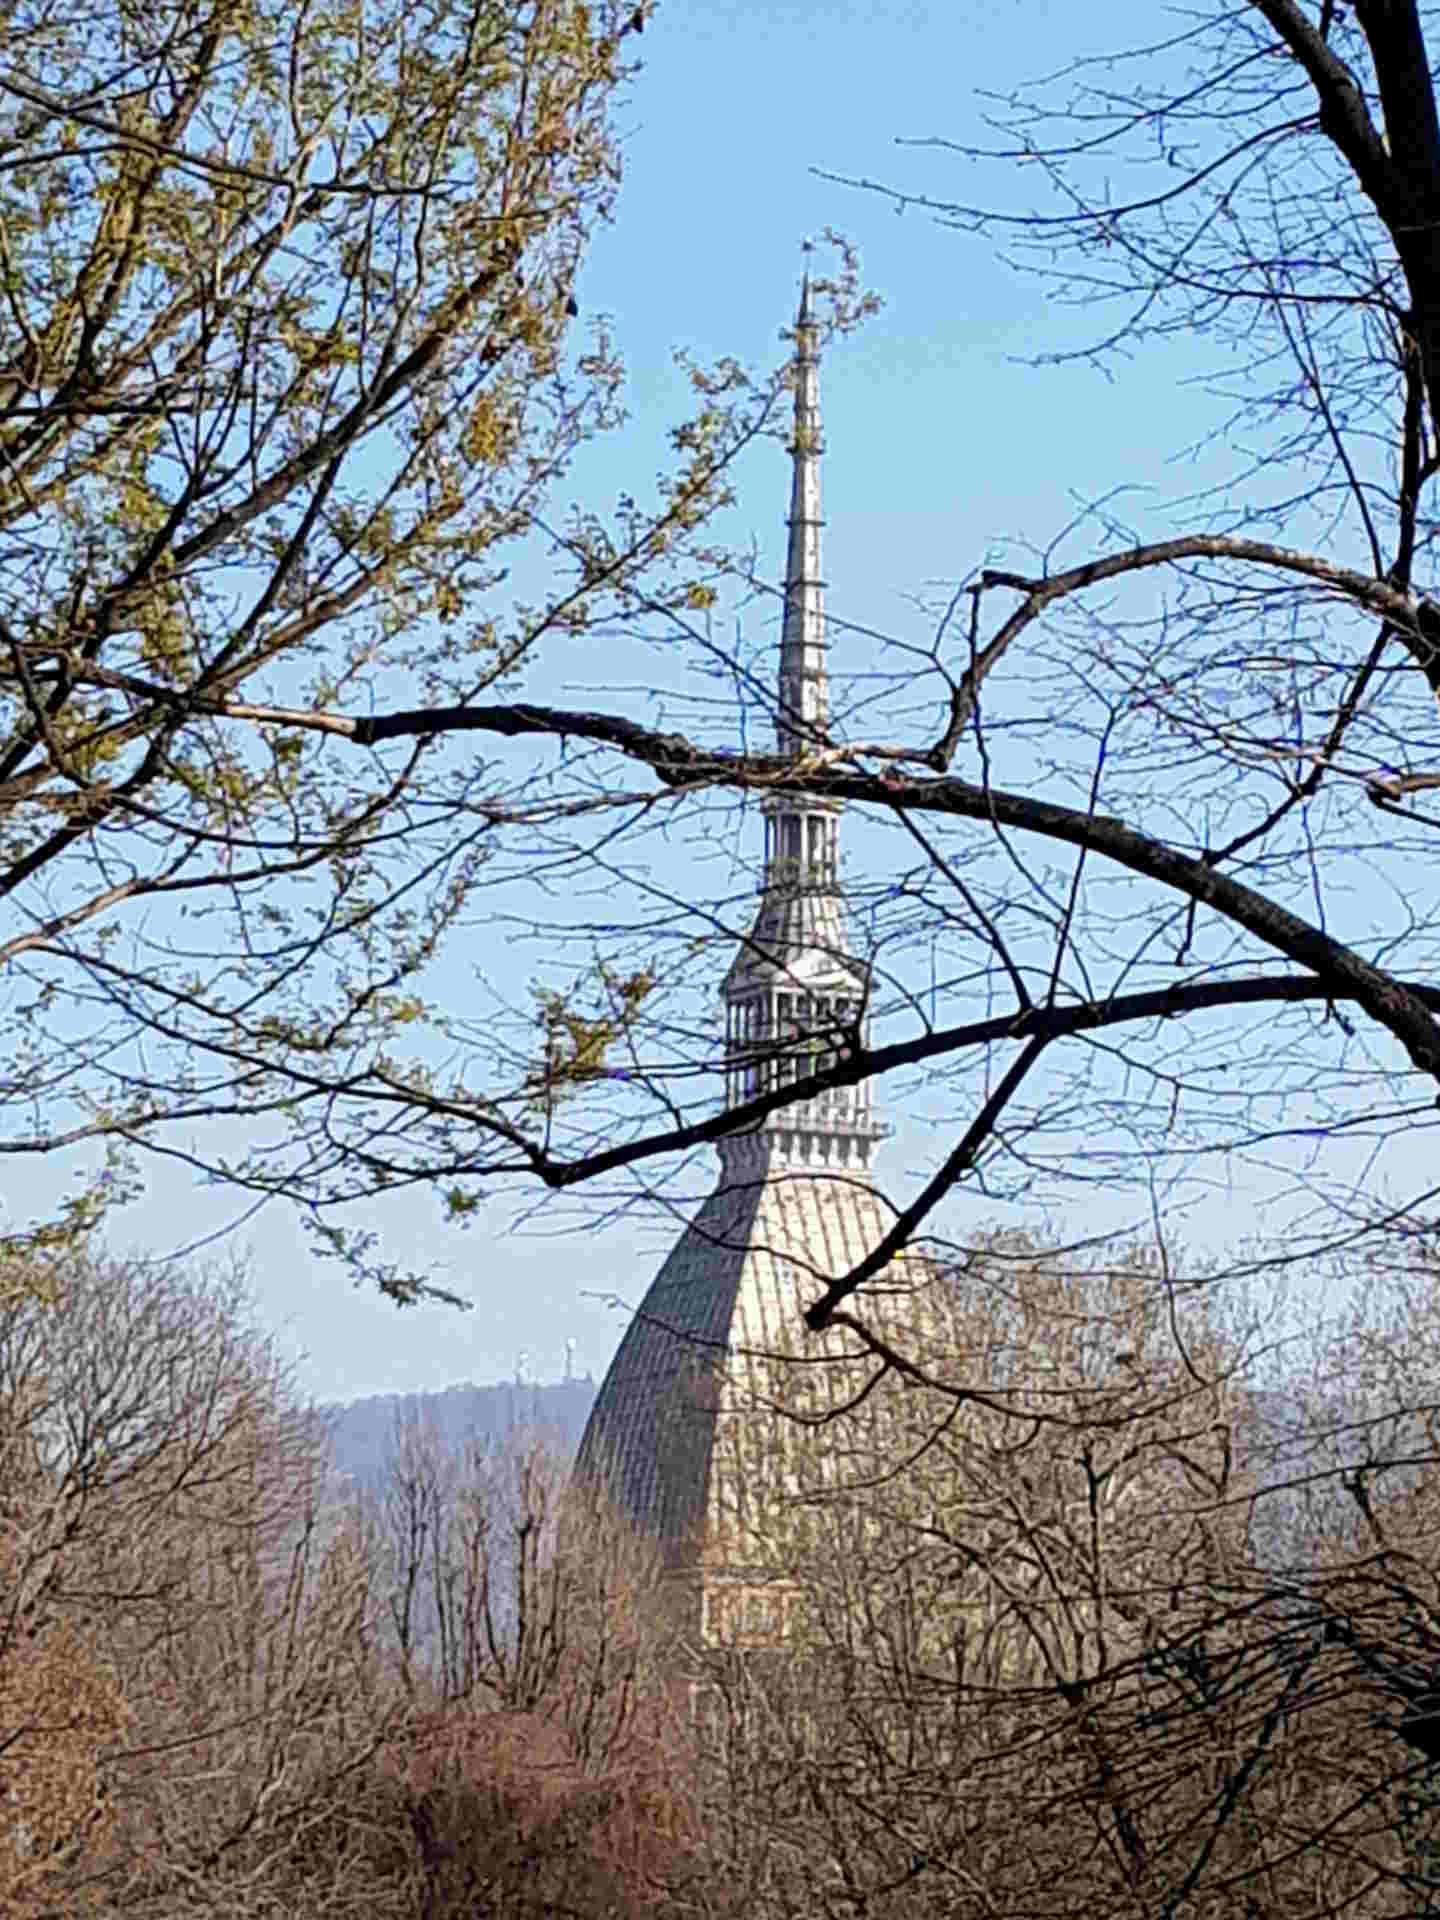 Il simbolo di Torino: la Mole Antonelliana vista dai Giardini del Palazzo Reale.Il simbolo di Torino: la Mole Antonelliana vista dai Giardini del Palazzo Reale. cosa vedere a Torino